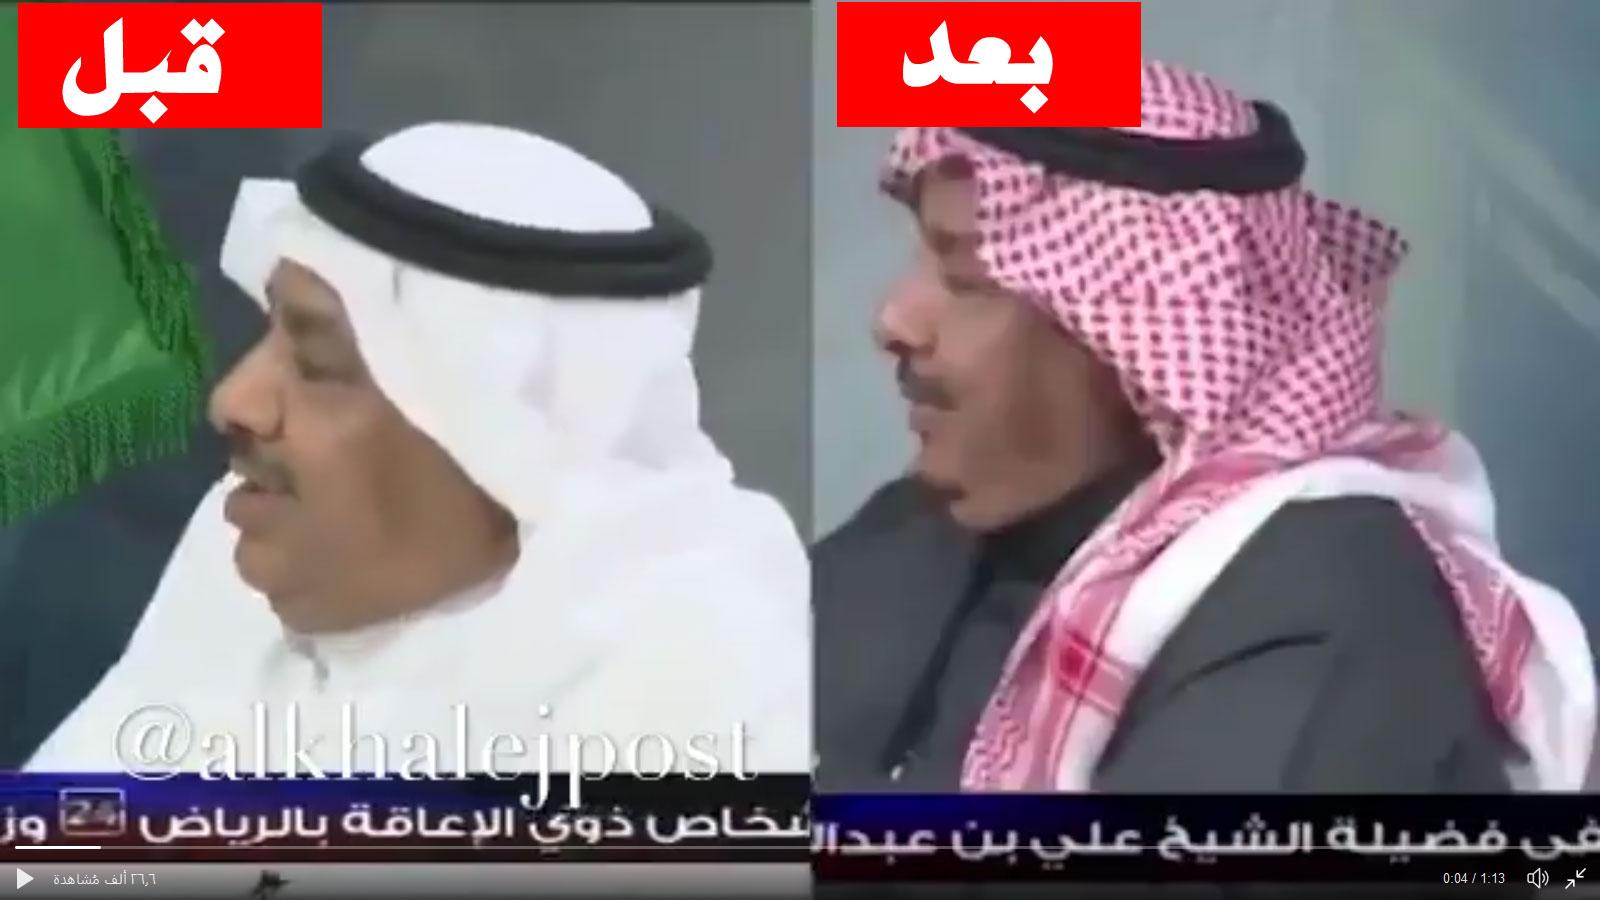 فضـ.ـيحة مدوية لإعلامي سعودي شهير عن بشار الأسد … ما بنحكي إلا شكلين! (شاهد)